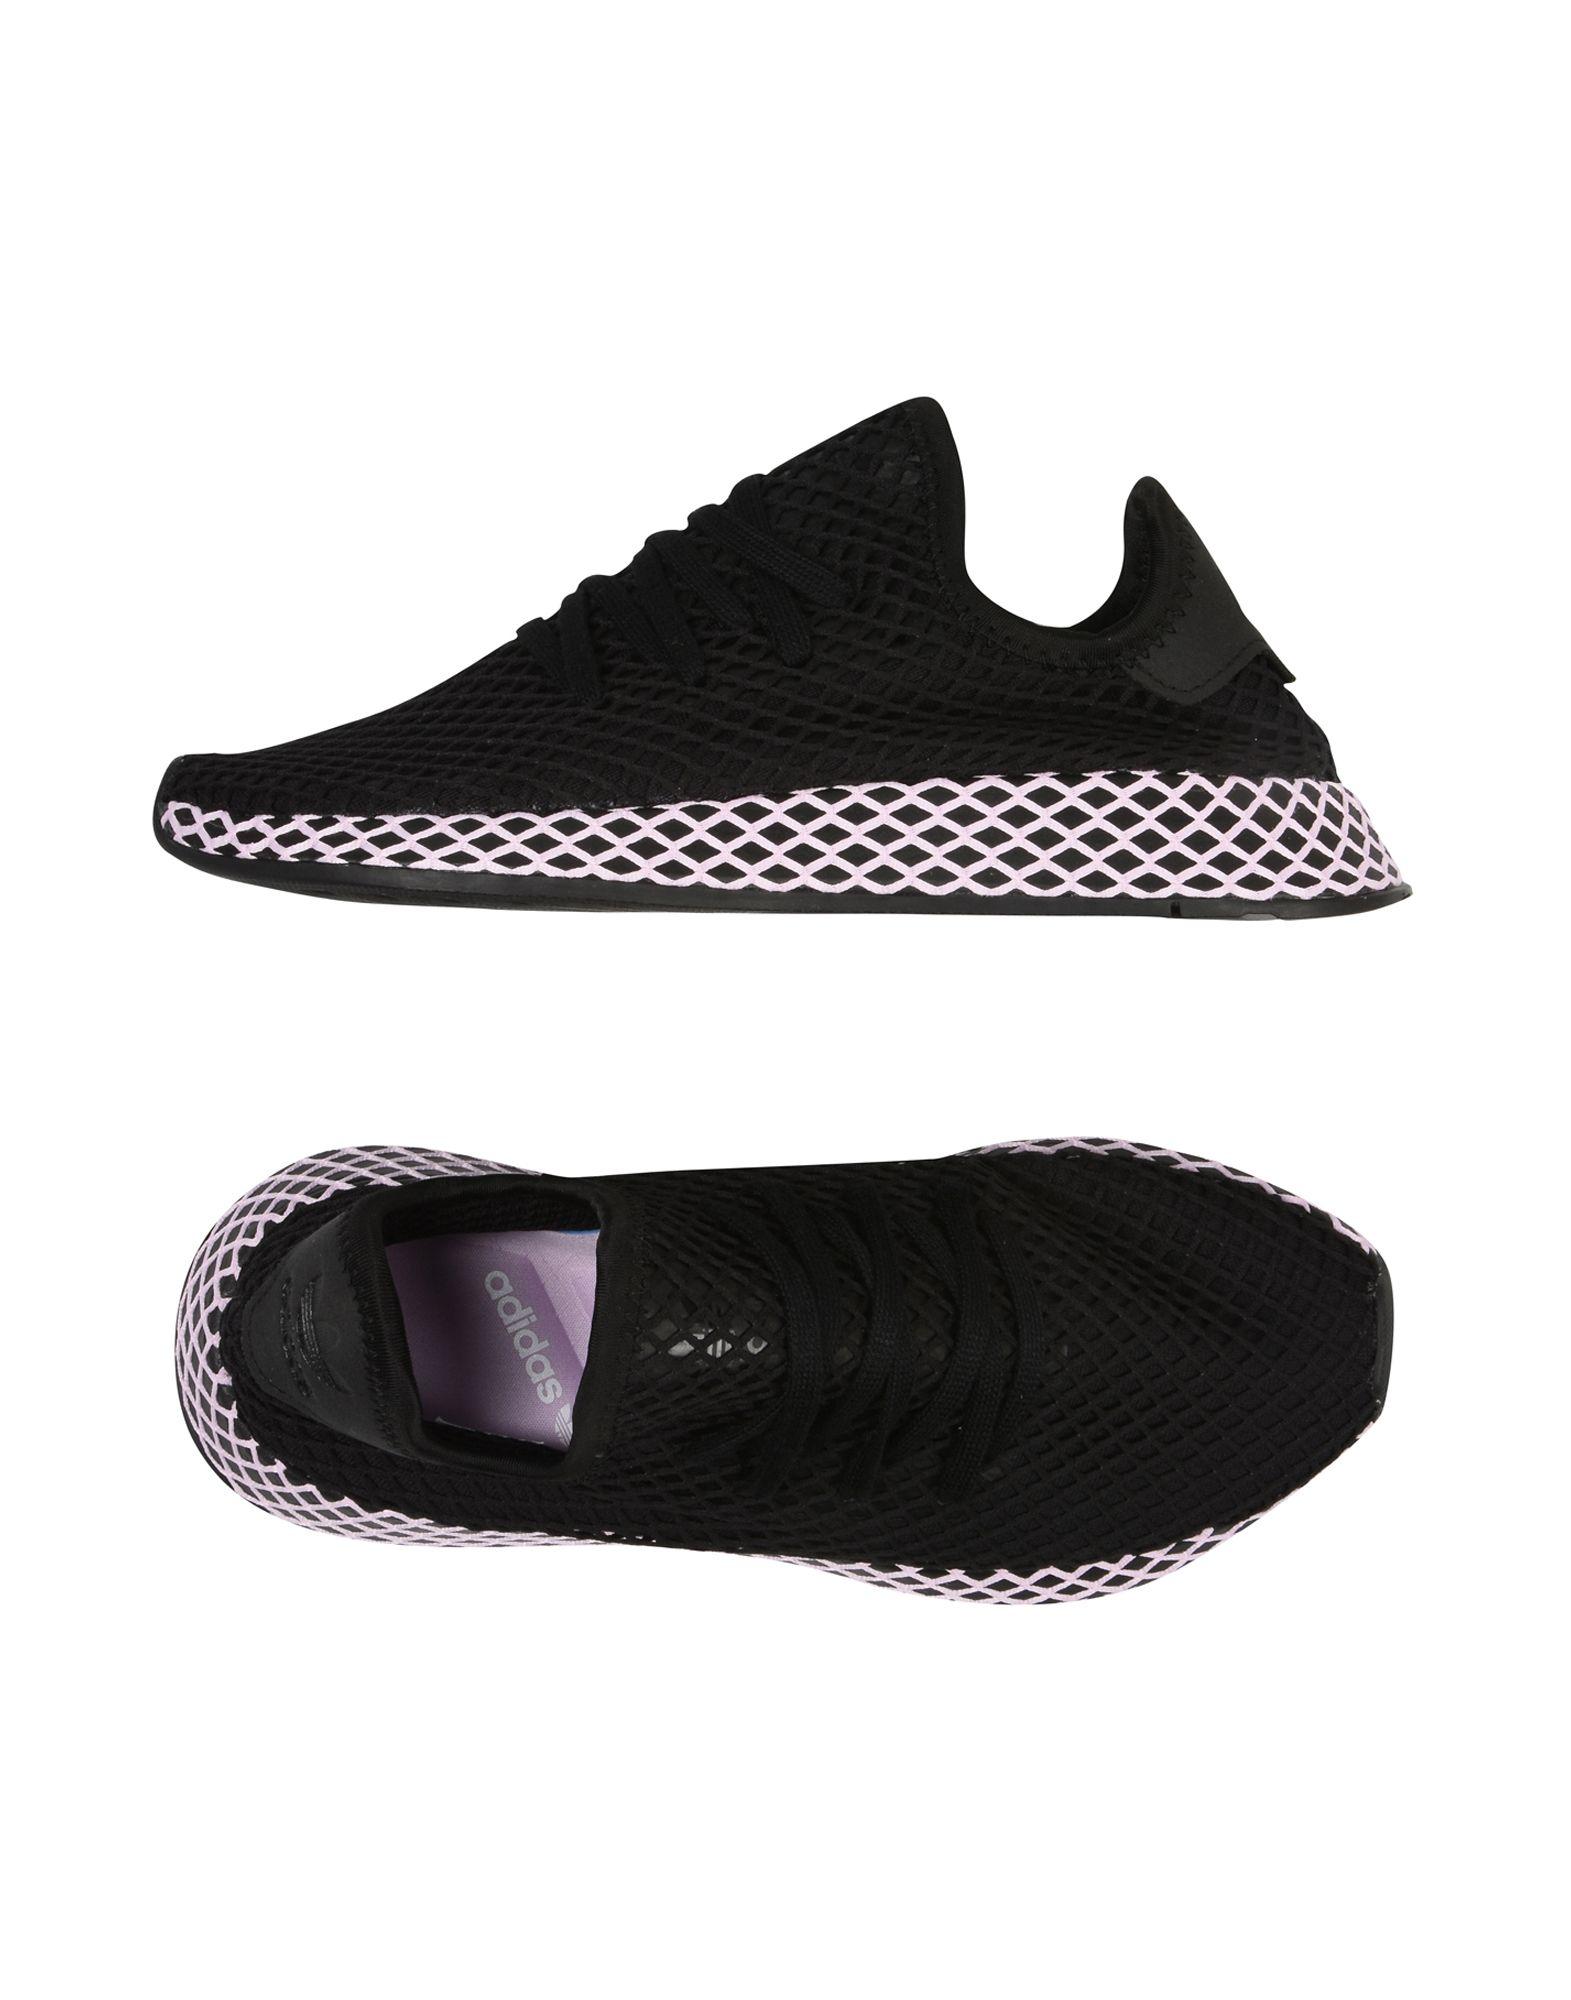 Adidas Originals Deerupt W - Sneakers - Women on Adidas Originals Sneakers online on Women  United Kingdom - 11540385NG 5c1fc9